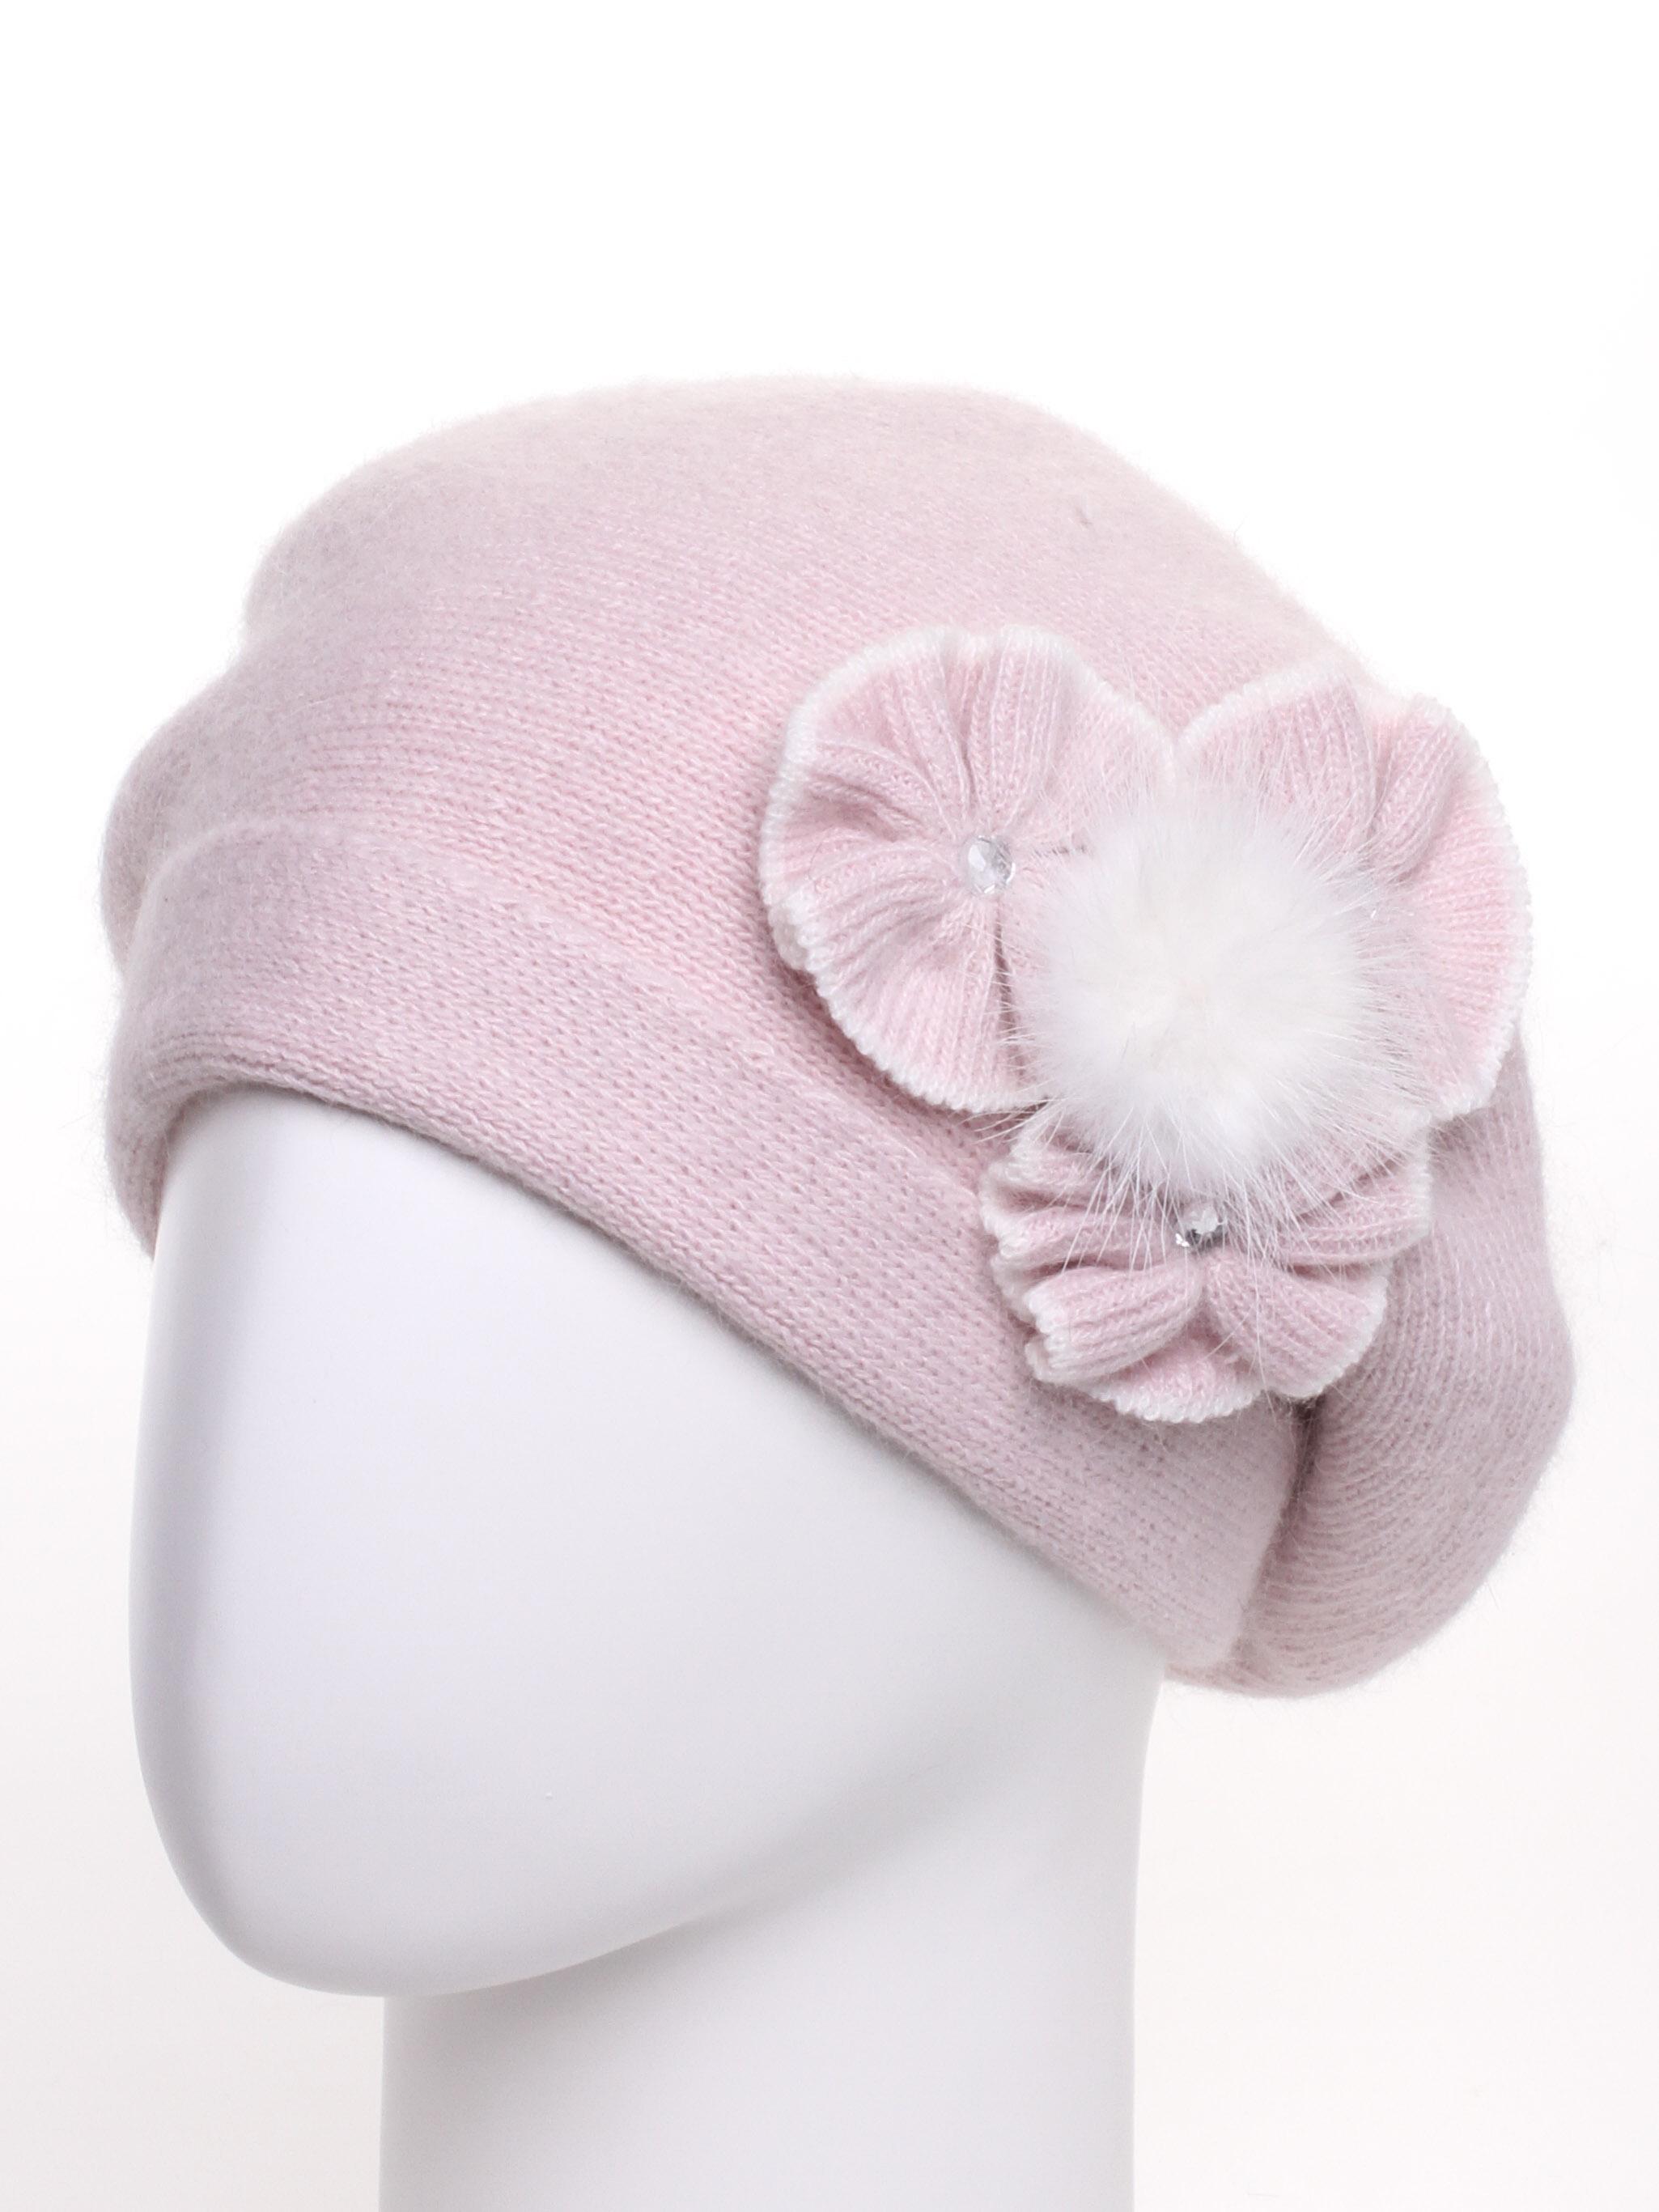 БеретБереты<br>Шерстяной беретик подарит Вам тепло и комфорт.  Стильный берет подчеркнет Вашу женственность и станет прекрасным дополнением Вашего образа.  В изделии использованы цвета: розовый, белый.<br><br>По сезону: Зима<br>Размер : universal<br>Материал: Вязаное полотно<br>Количество в наличии: 1